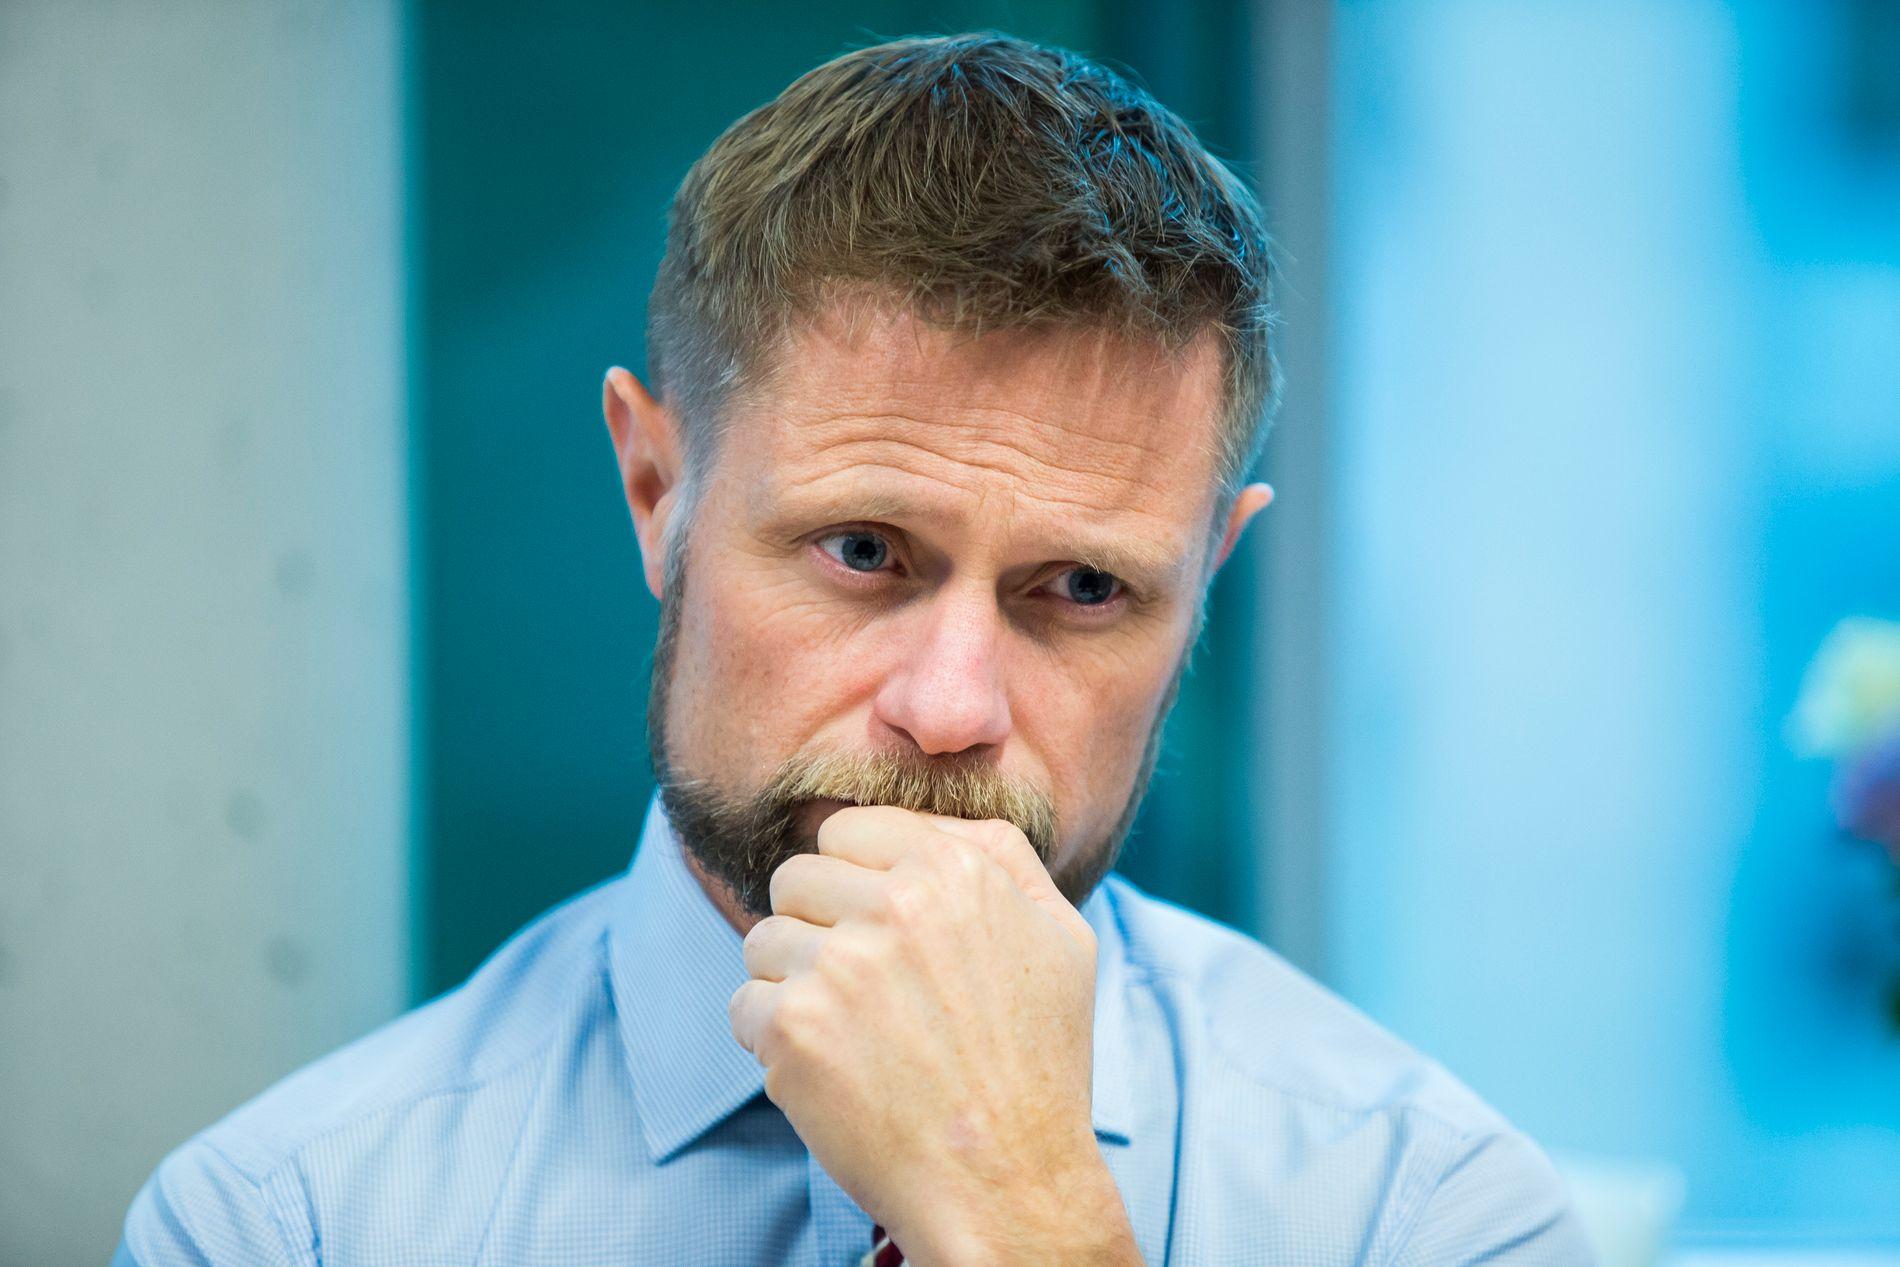 HELSEMINISTER VIL IKKE: Som opposisjonspolitiker ville Bent Høie legge ned de regionale helseforetakene. Som statsråd vil han ikke likevel.